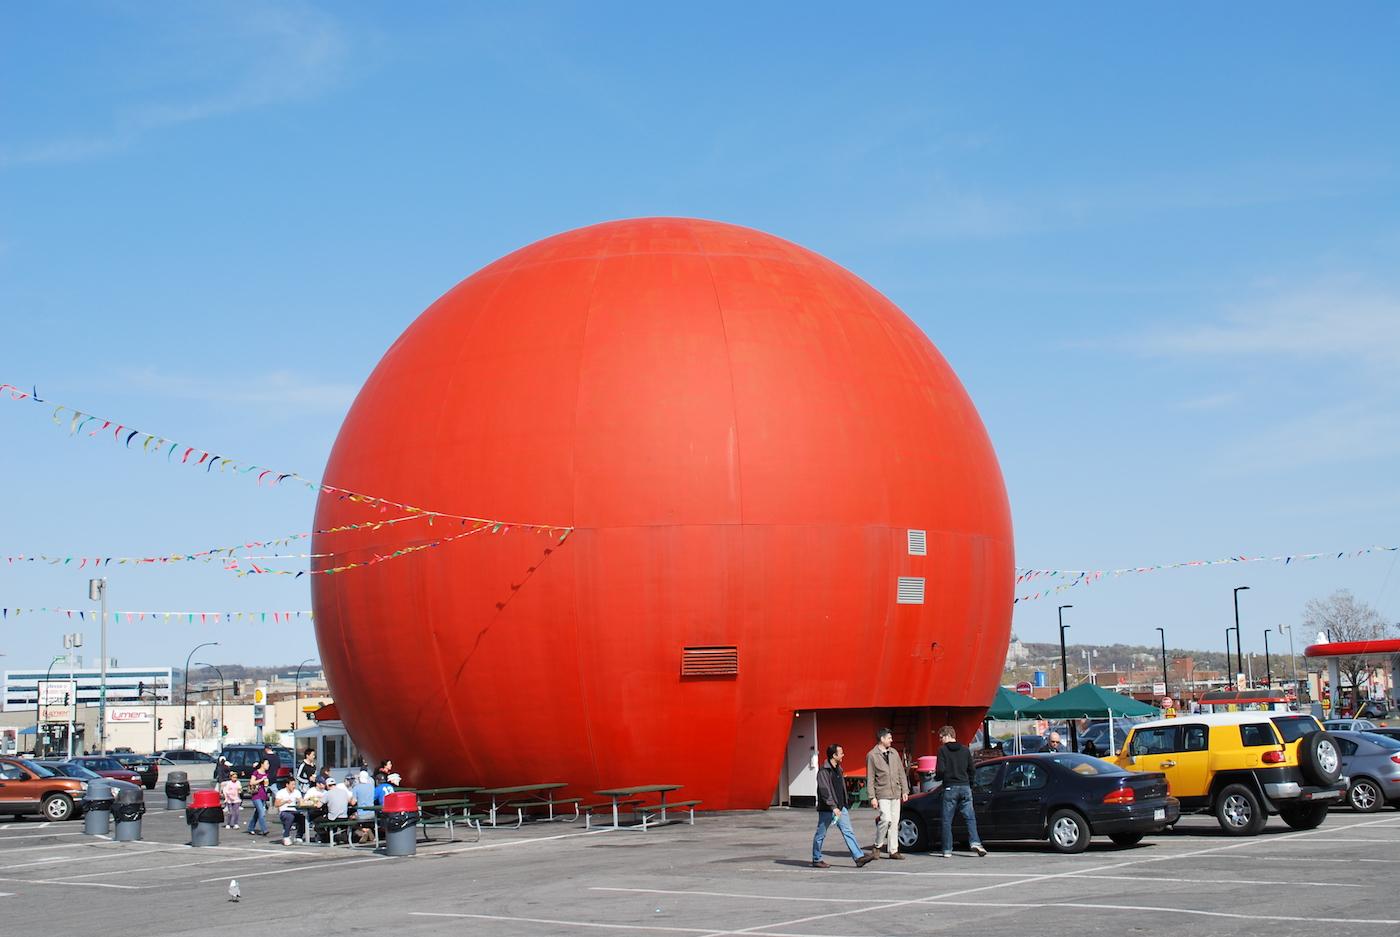 Gibeau Orange Julep in Montréal (photo by Khayman/Wikimedia)